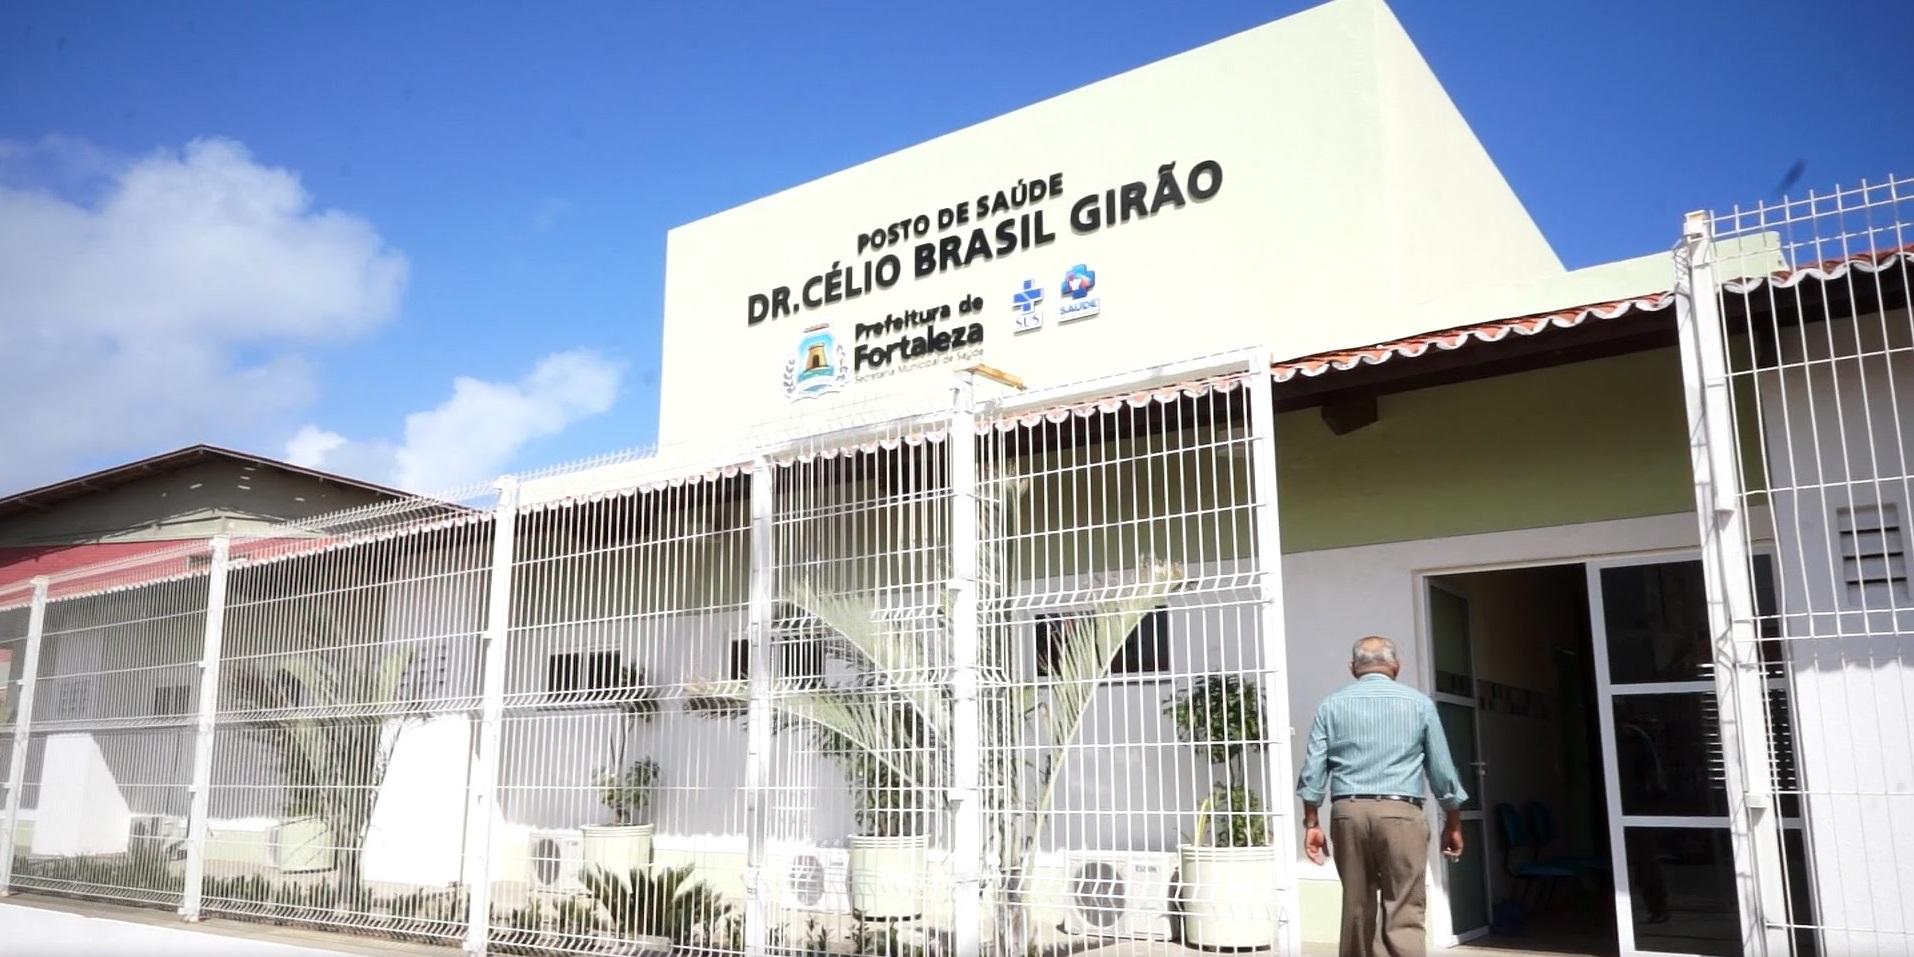 Postos de Saúde são locais onde você pode receber atendimentos básicos e gratuitos em Pediatria, Ginecologia, Clínica Geral, Enfermagem e Odontologia, por exemplo (FOTO: Prefeitura de Fortaleza/Divulgação)